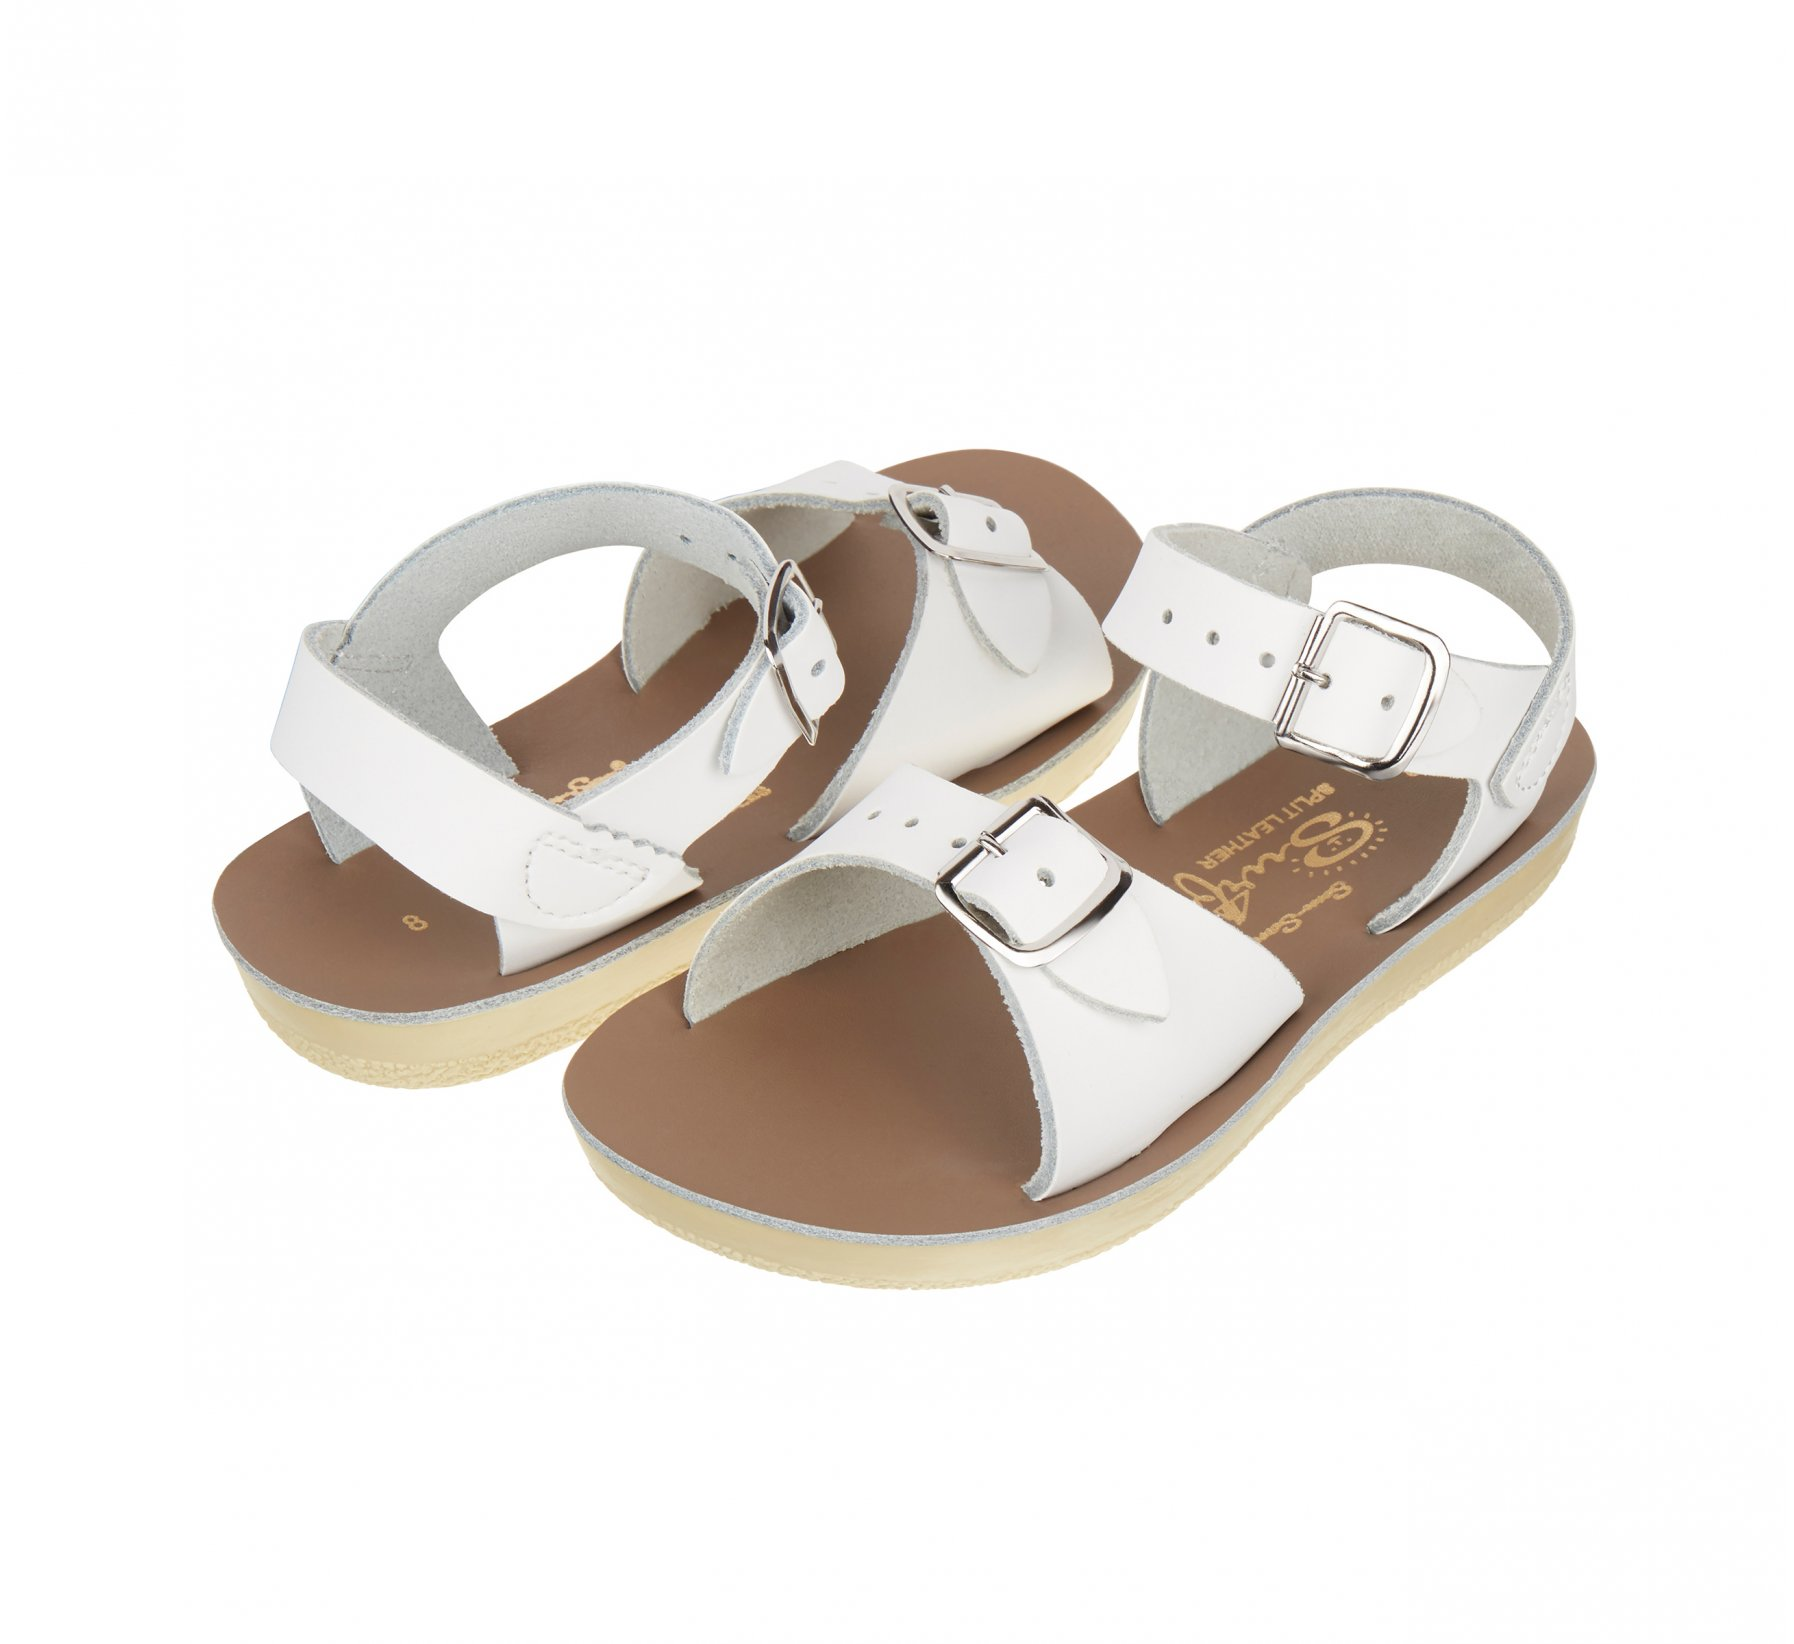 Surfer White - Salt Water Sandals